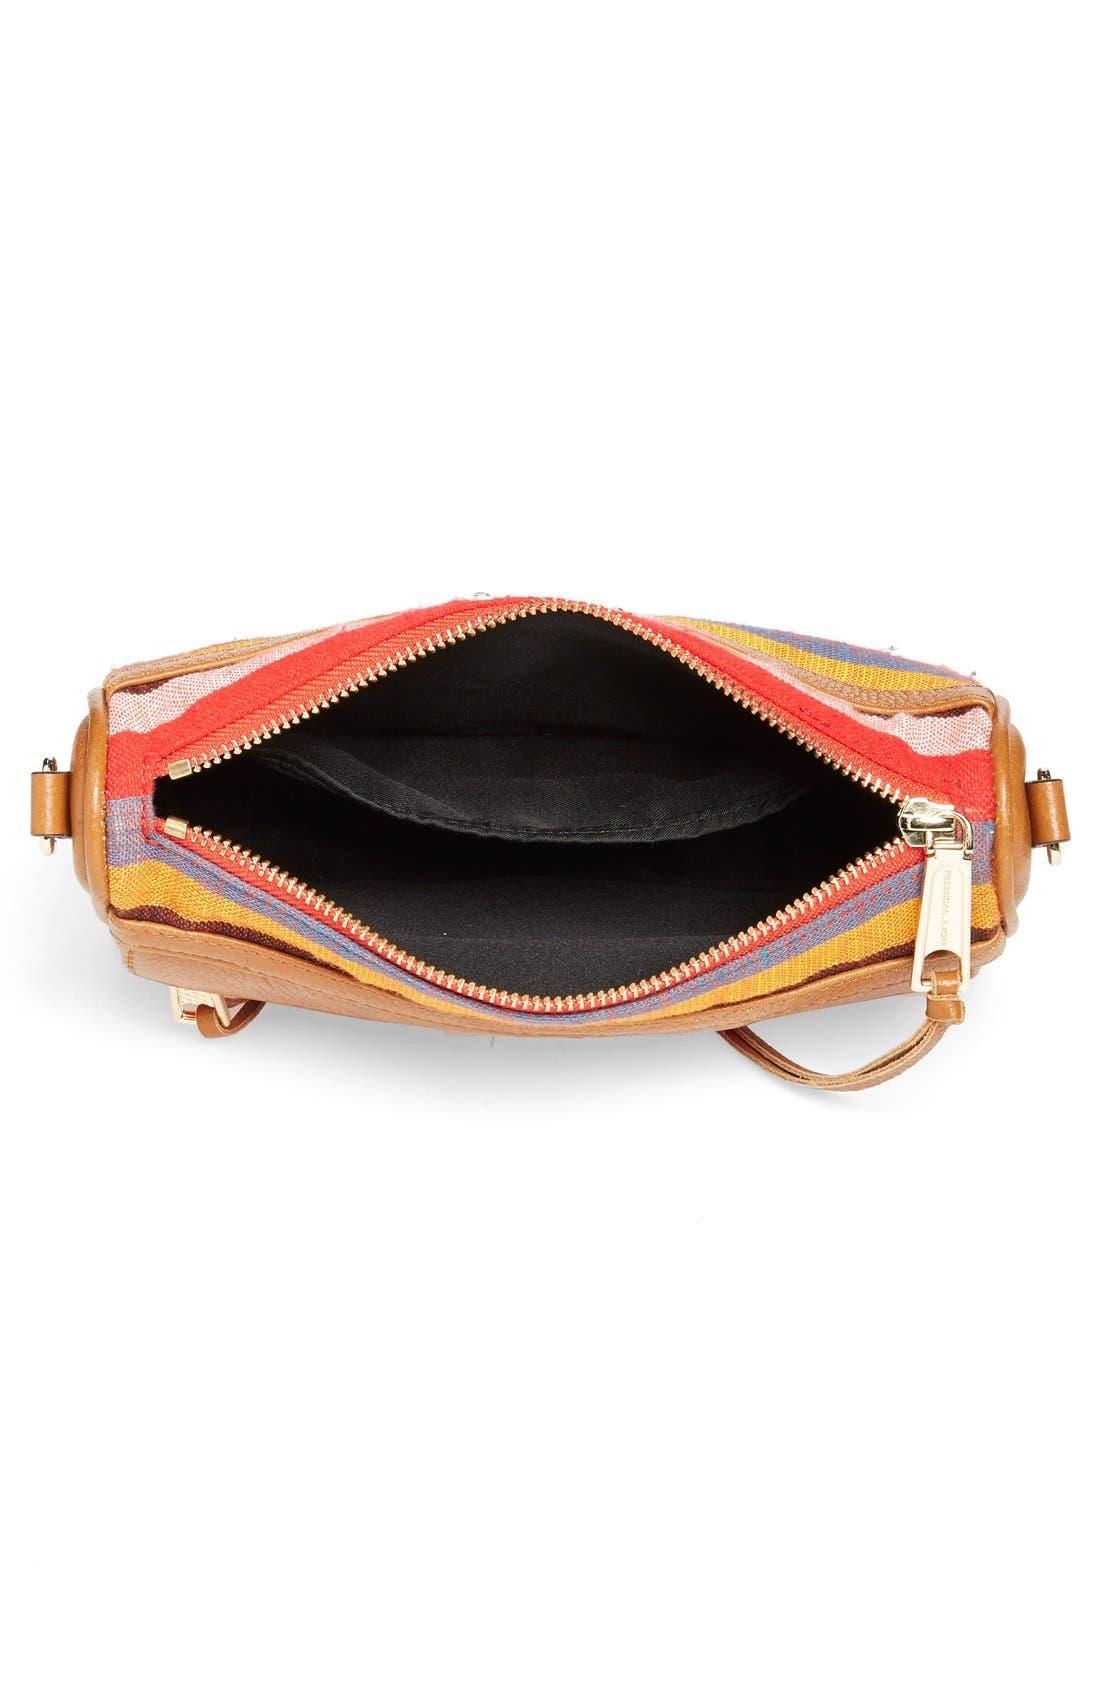 Piece & Co. and Rebecca Minkoff 'Mini MAC' Convertible Crossbody Bag,                             Alternate thumbnail 4, color,                             Orange Multi